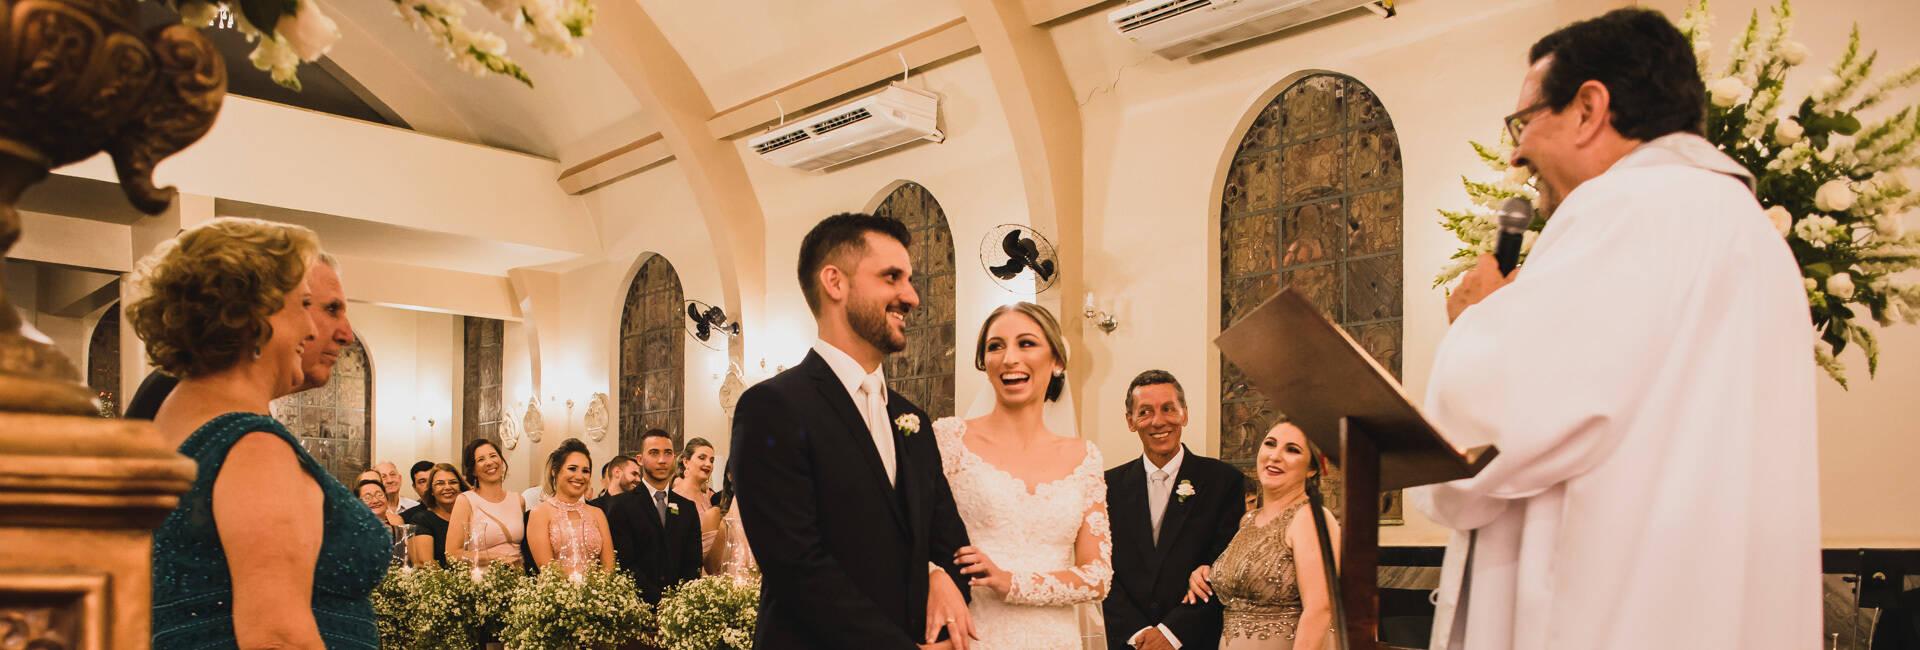 Casamento de Natália e Mario